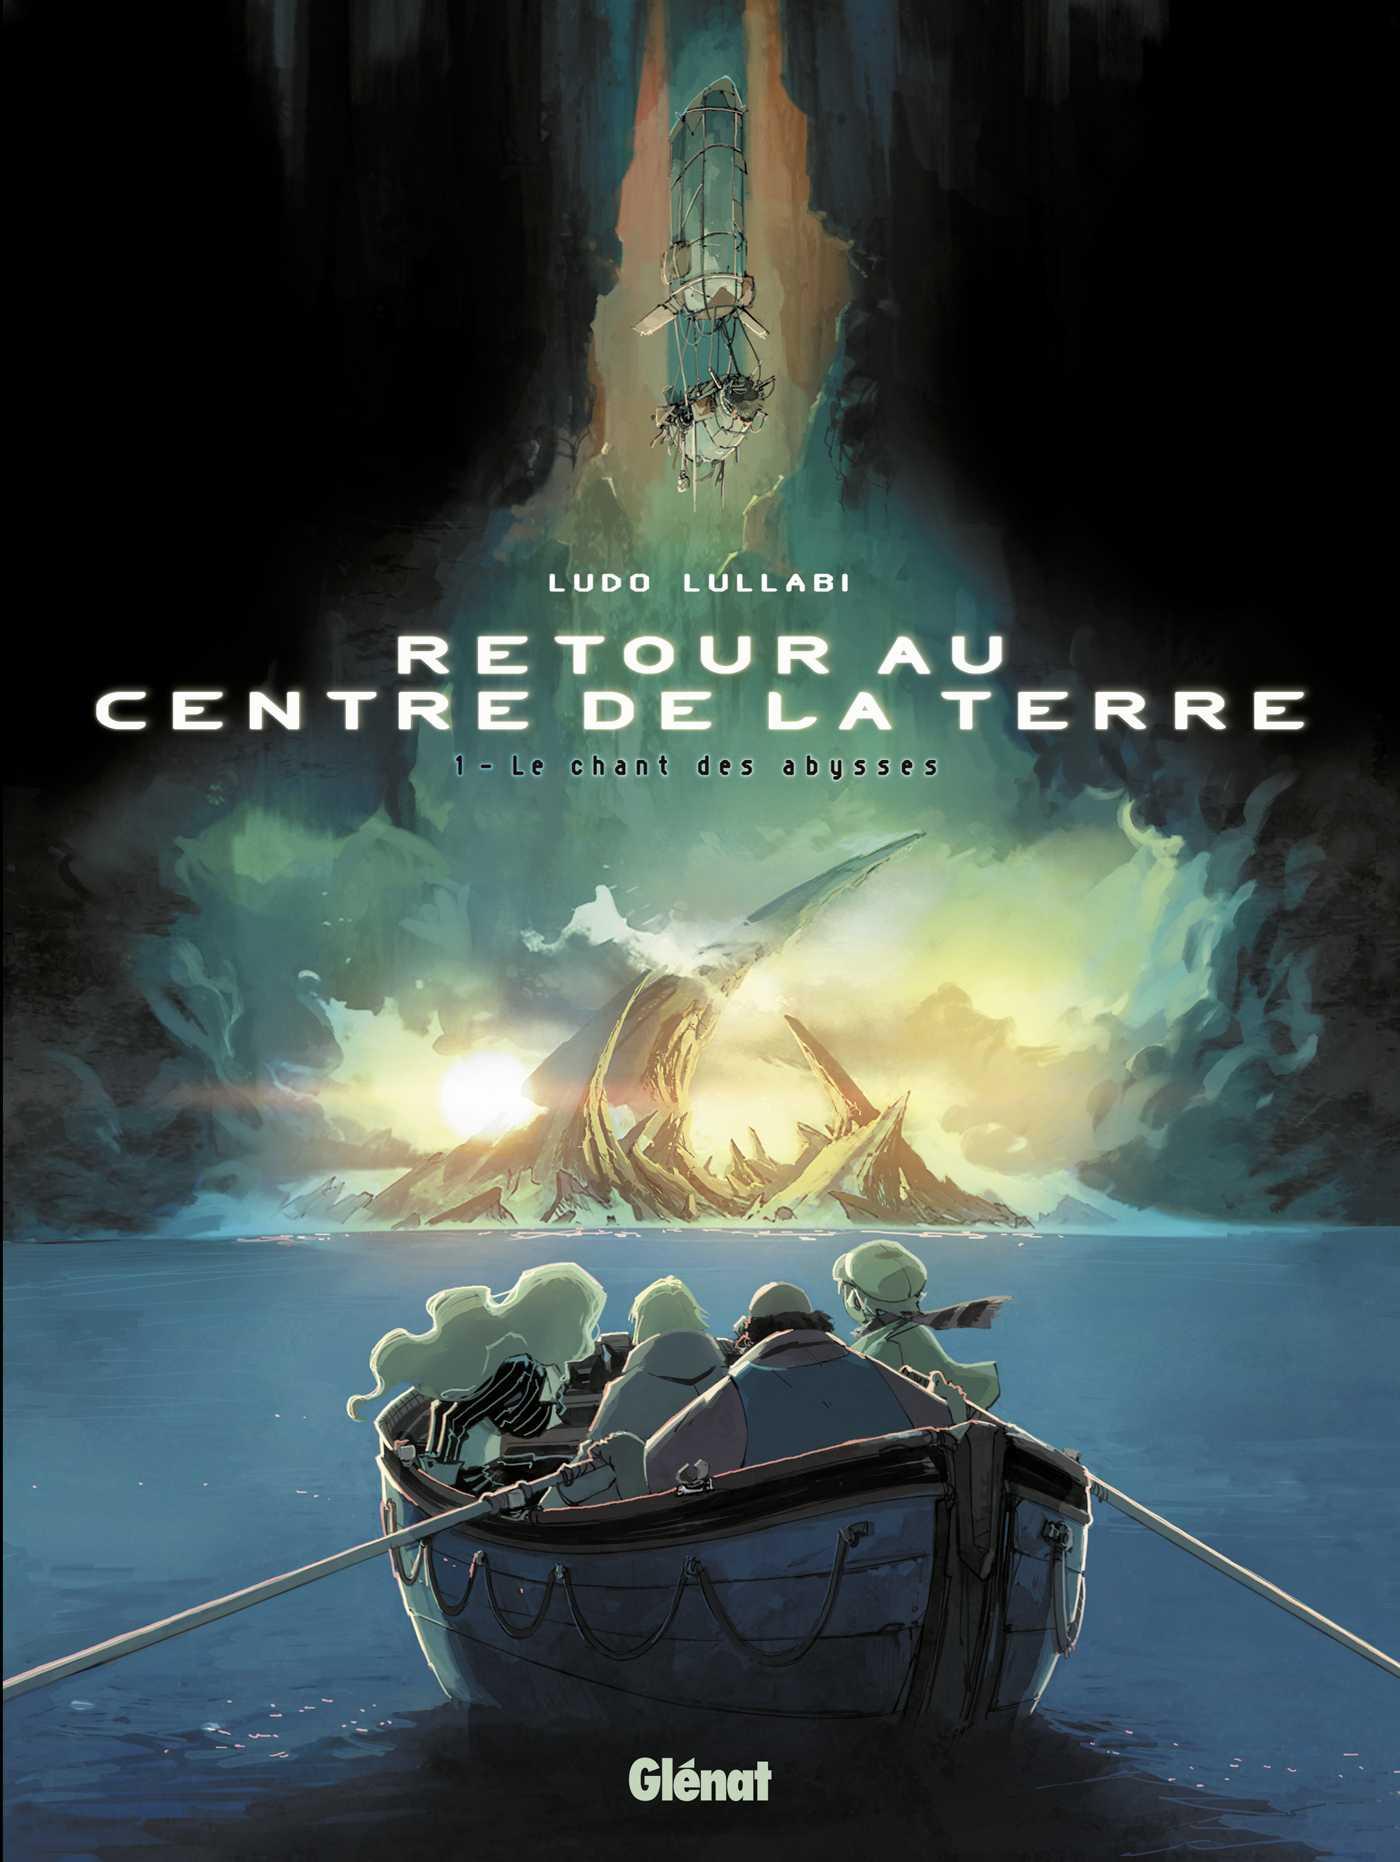 Retour au centre de la Terre, Verne bien revisité par Lullabi